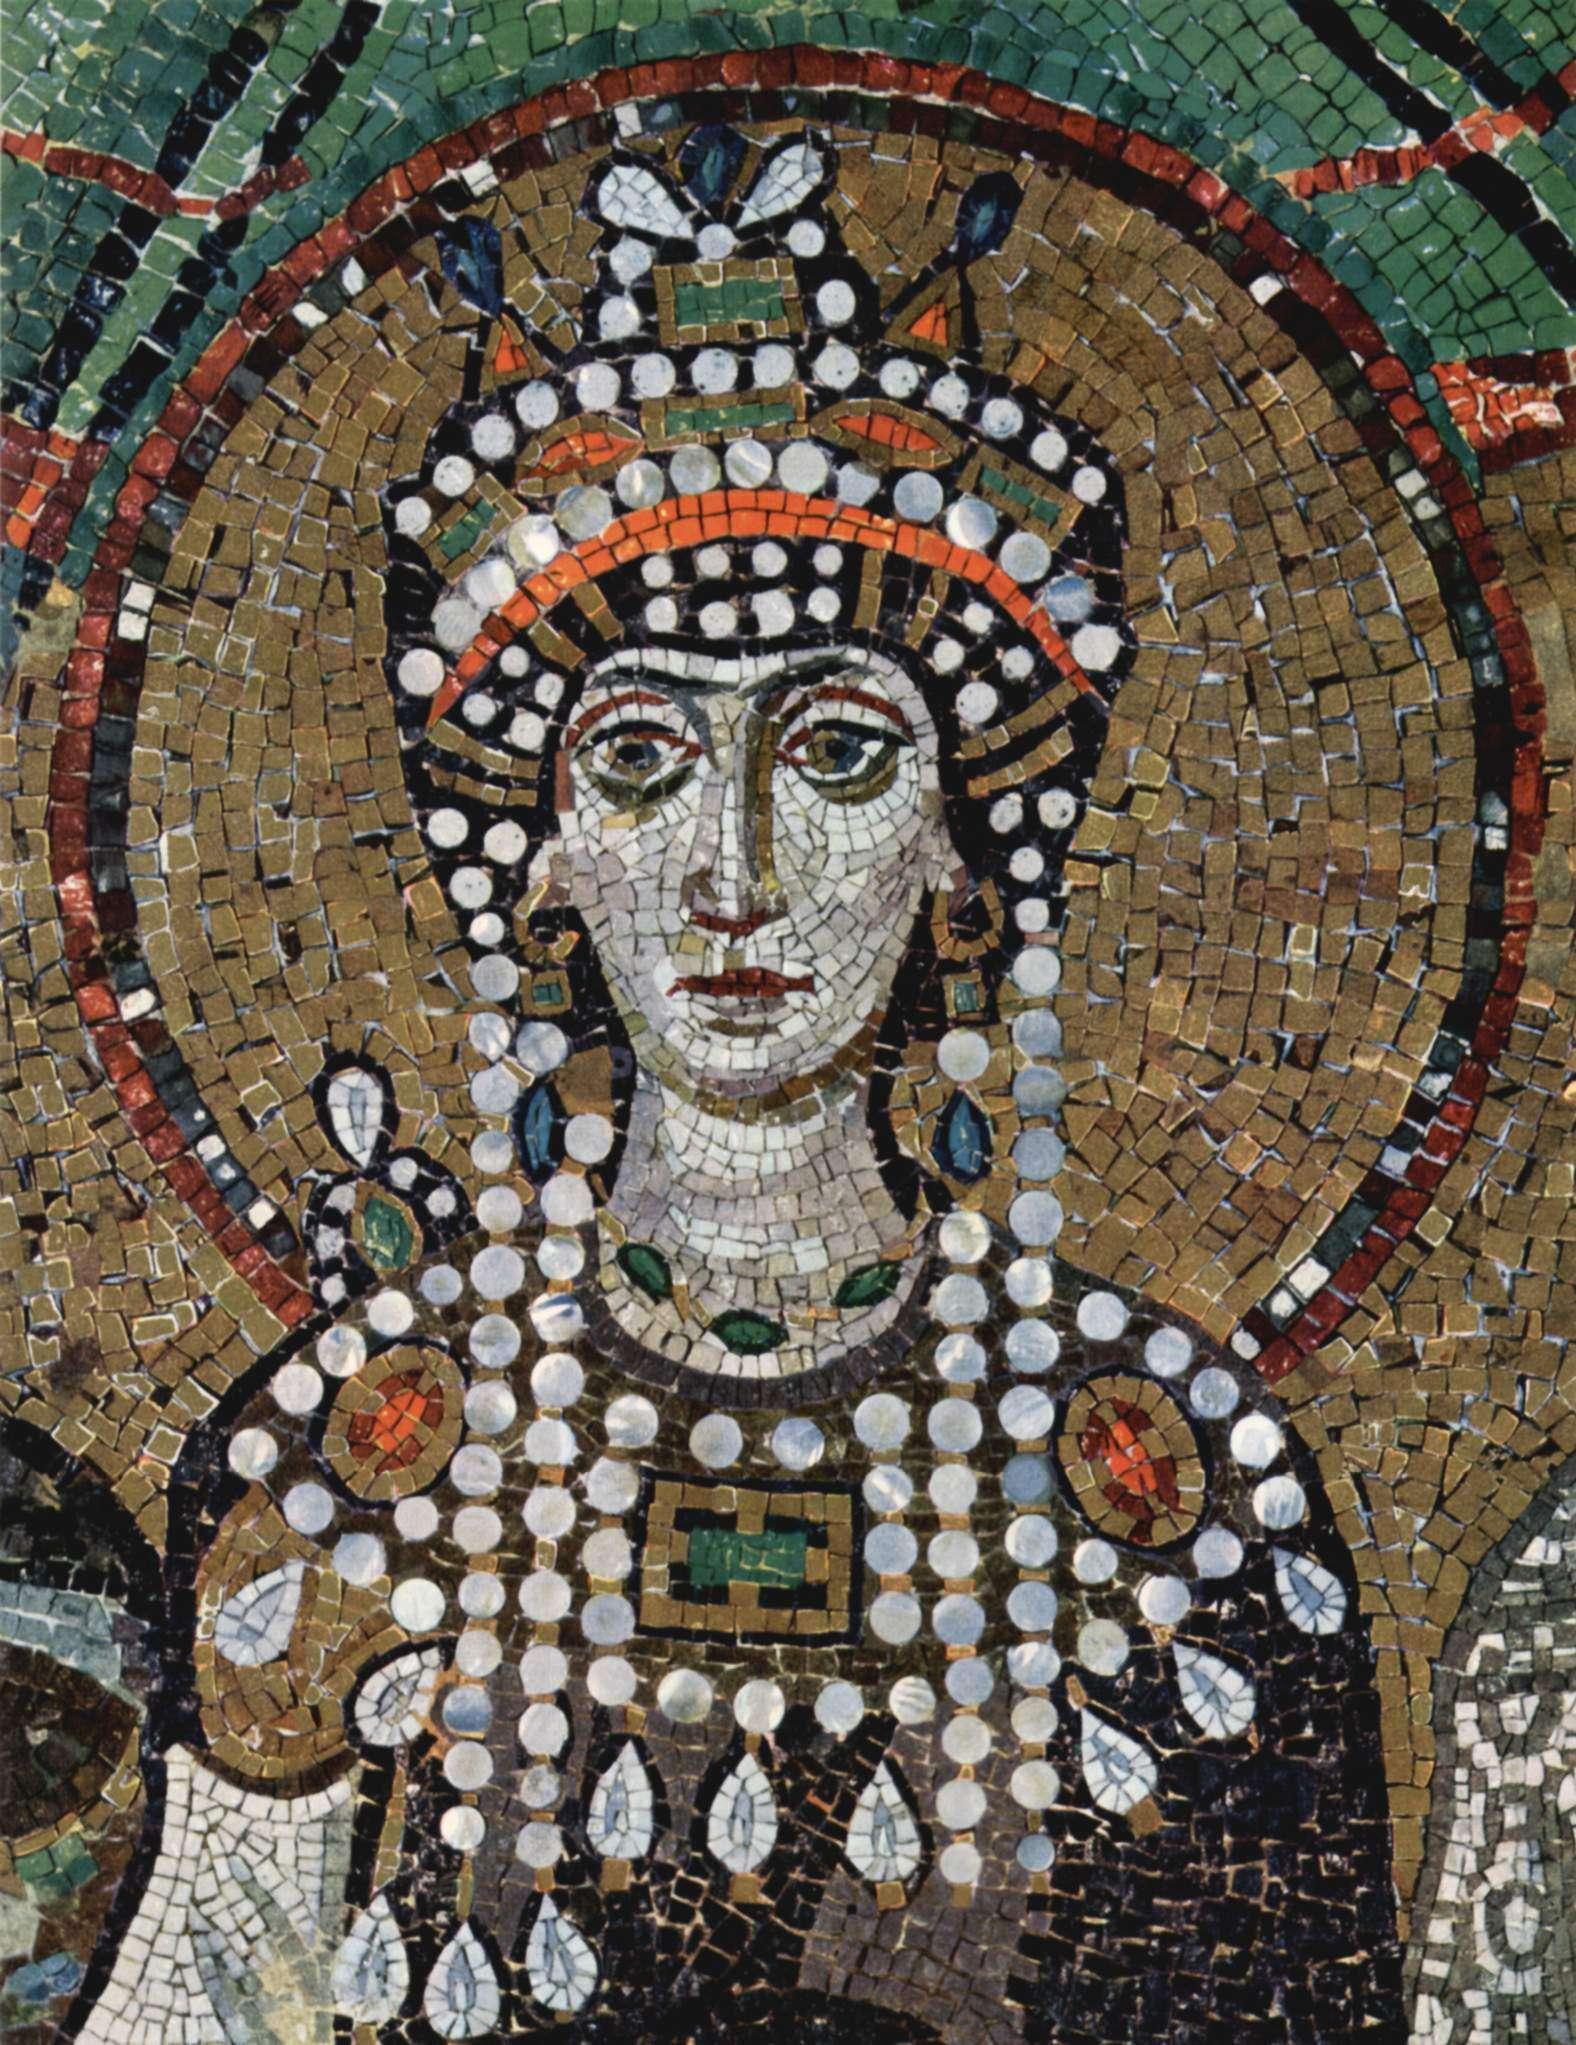 Η Θεοδώρα από μωσαϊκό του Αγίου Βιταλίου στη Ραβέννα